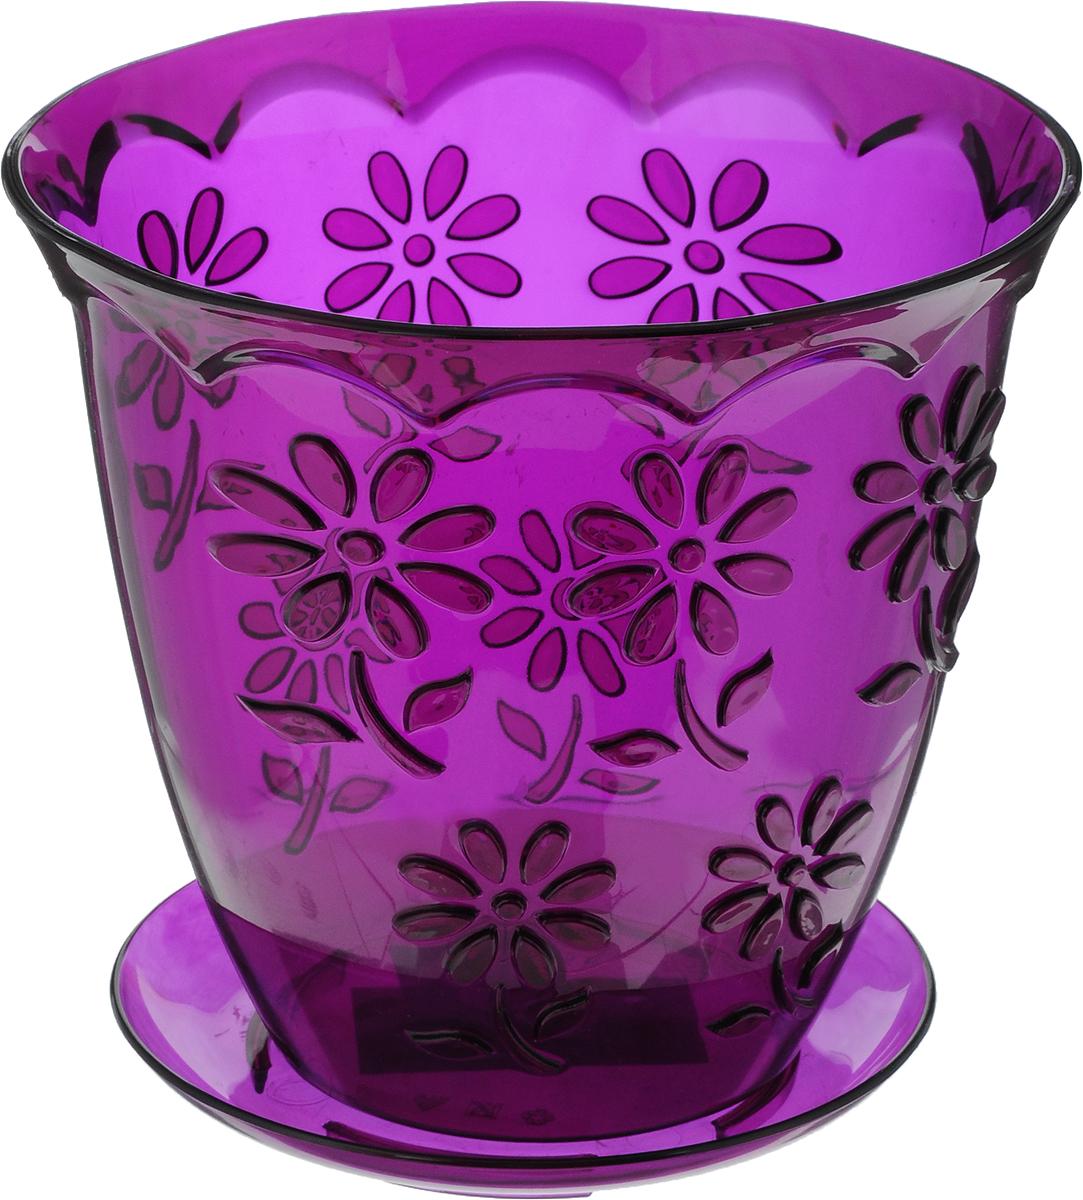 Горшок Альтернатива Соблазн, для орхидеи, цвет: фиолетовый, 1,5 л696487Любой, даже самый современный и продуманный интерьер будет не завершенным без растений. Они не только очищают воздух и насыщают его кислородом, но и заметно украшают окружающее пространство. Такому полезному члену семьи просто необходимо красивое и функциональное кашпо, оригинальный горшок или необычная ваза! Мы предлагаем - Горшок для орхидей 1,5 л Соблазн, цвет фиолетовый! Оптимальный выбор материала - это пластмасса! Почему мы так считаем? Малый вес. С легкостью переносите горшки и кашпо с места на место, ставьте их на столики или полки, подвешивайте под потолок, не беспокоясь о нагрузке. Простота ухода. Пластиковые изделия не нуждаются в специальных условиях хранения. Их легко чистить достаточно просто сполоснуть теплой водой. Никаких царапин. Пластиковые кашпо не царапают и не загрязняют поверхности, на которых стоят. Пластик дольше хранит влагу, а значит растение реже нуждается в поливе. Пластмасса не пропускает воздух корневой системе растения не грозят резкие перепады температур. Огромный выбор форм, декора и расцветок вы без труда подберете что-то, что идеально впишется в уже существующий интерьер. Соблюдая нехитрые правила ухода, вы можете заметно продлить срок службы горшков, вазонов и кашпо из пластика: всегда учитывайте размер кроны и корневой системы растения (при разрастании большое растение способно повредить маленький горшок) берегите изделие от воздействия прямых солнечных лучей, чтобы кашпо и горшки не выцветали держите кашпо и горшки из пластика подальше от нагревающихся поверхностей. Создавайте прекрасные цветочные композиции, выращивайте рассаду или необычные растения, а низкие цены позволят вам не ограничивать себя в выборе.